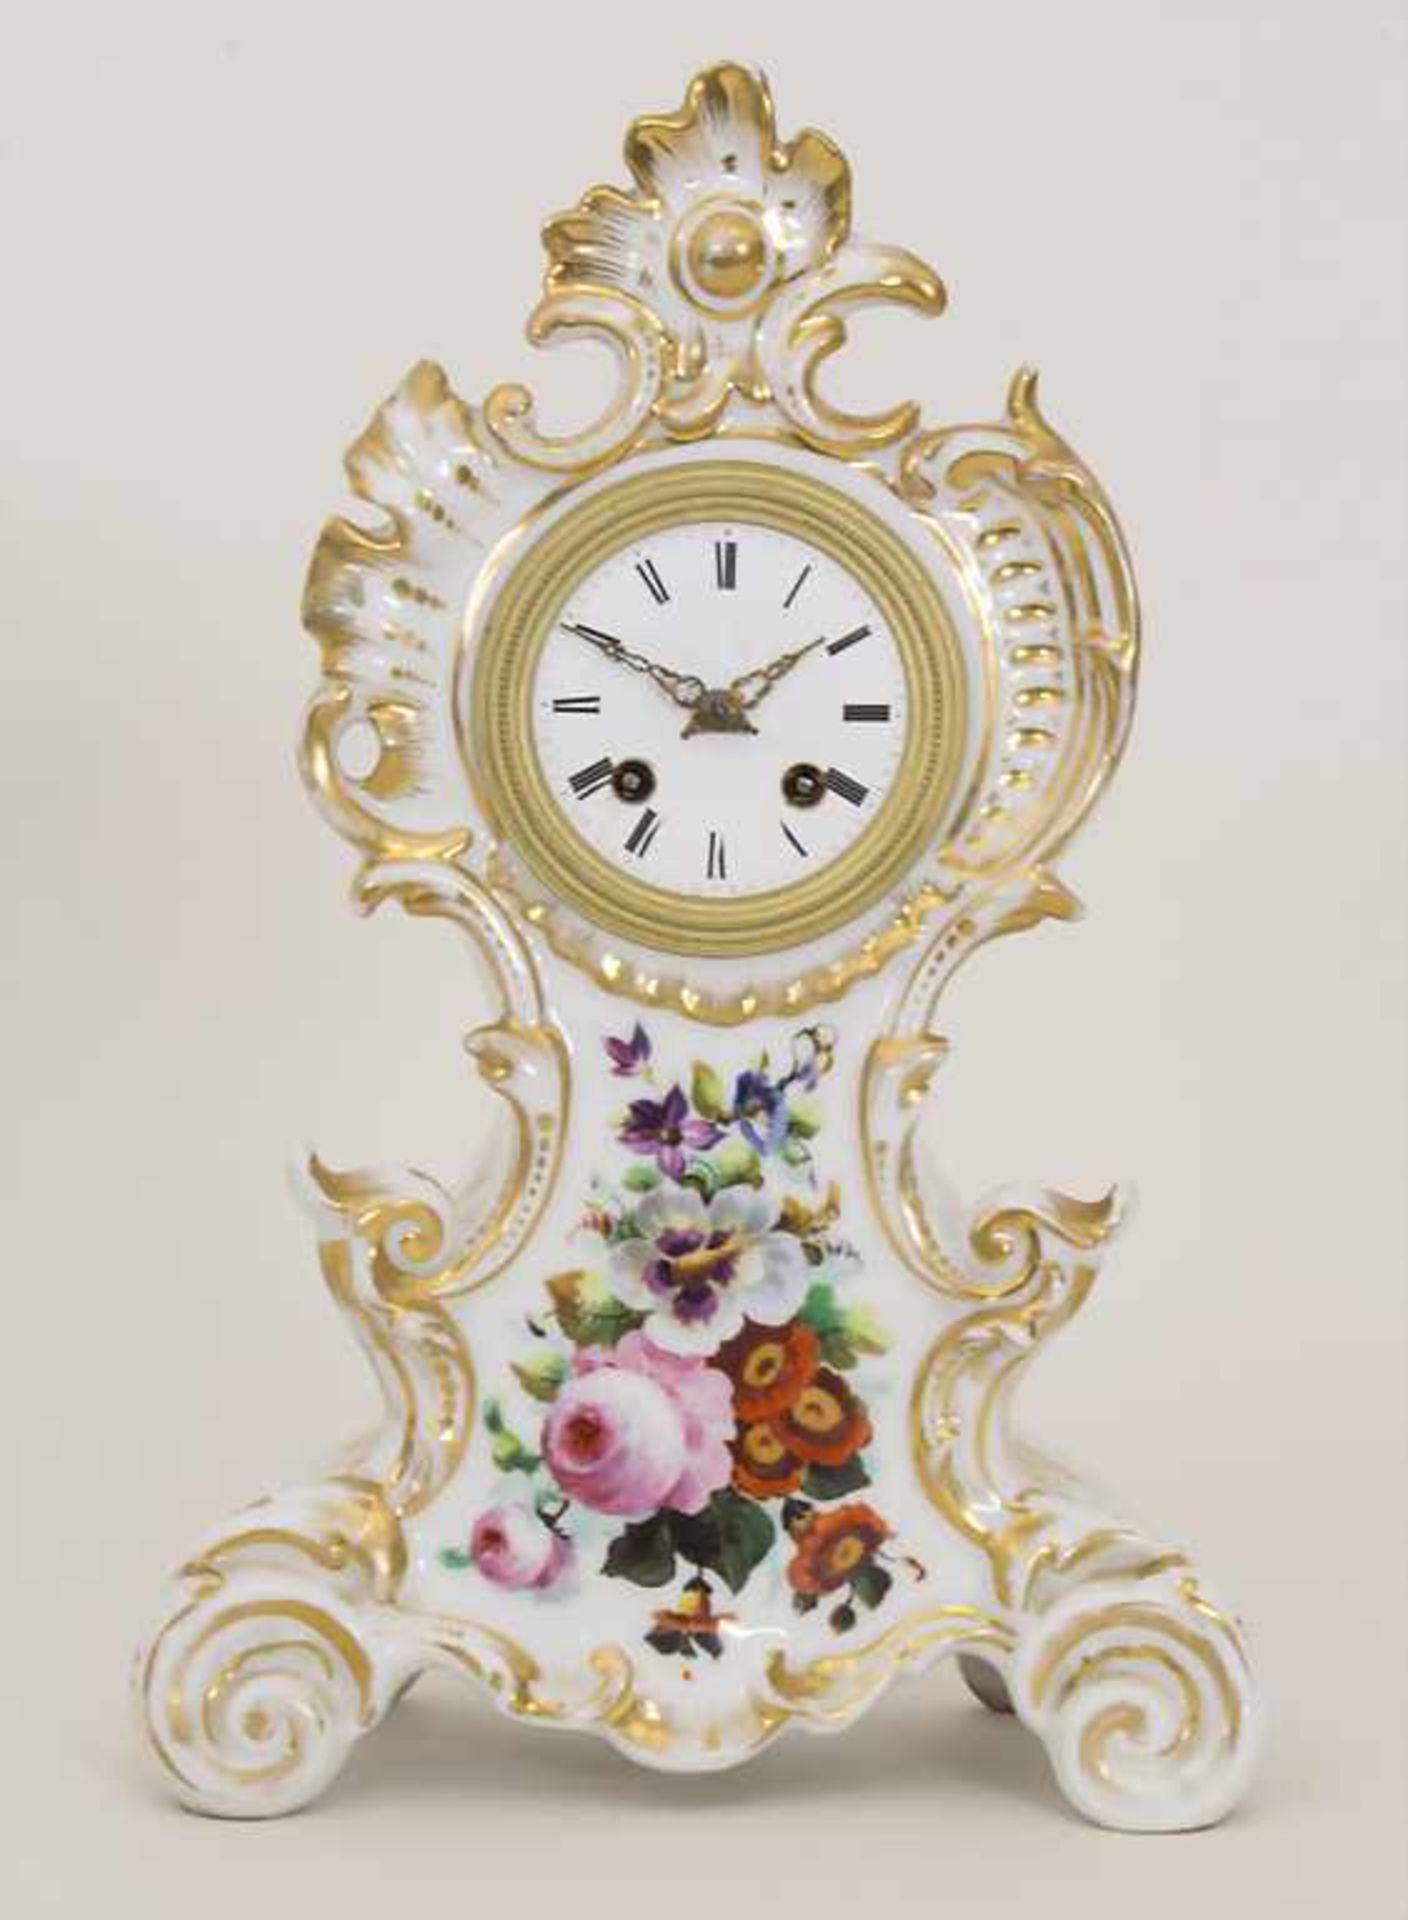 Biedermeier Kaminuhr / A Biedermeier mantel clock, Frankreich, 19. Jh.